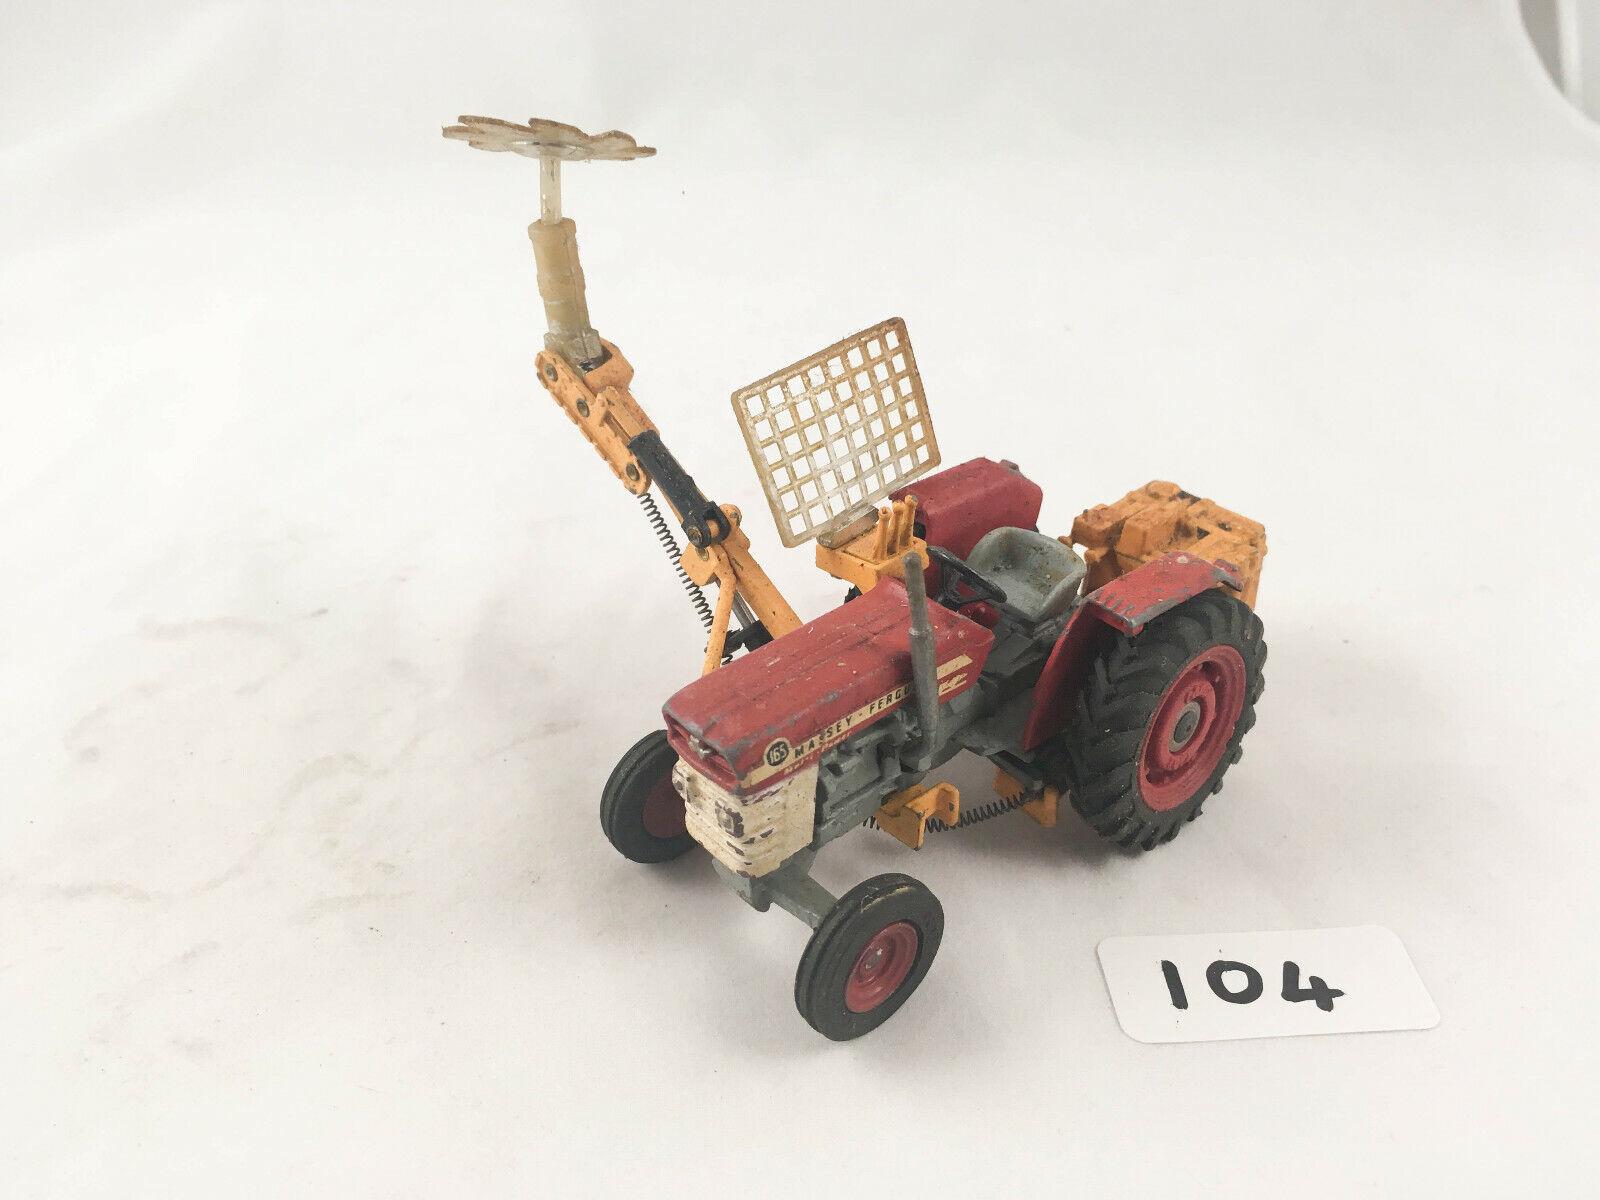 están haciendo actividades de descuento Raro Corgi Juguetes     73 Massey Ferguson 165 Tractor con Accesorio de Sierra 1970-73  bajo precio del 40%